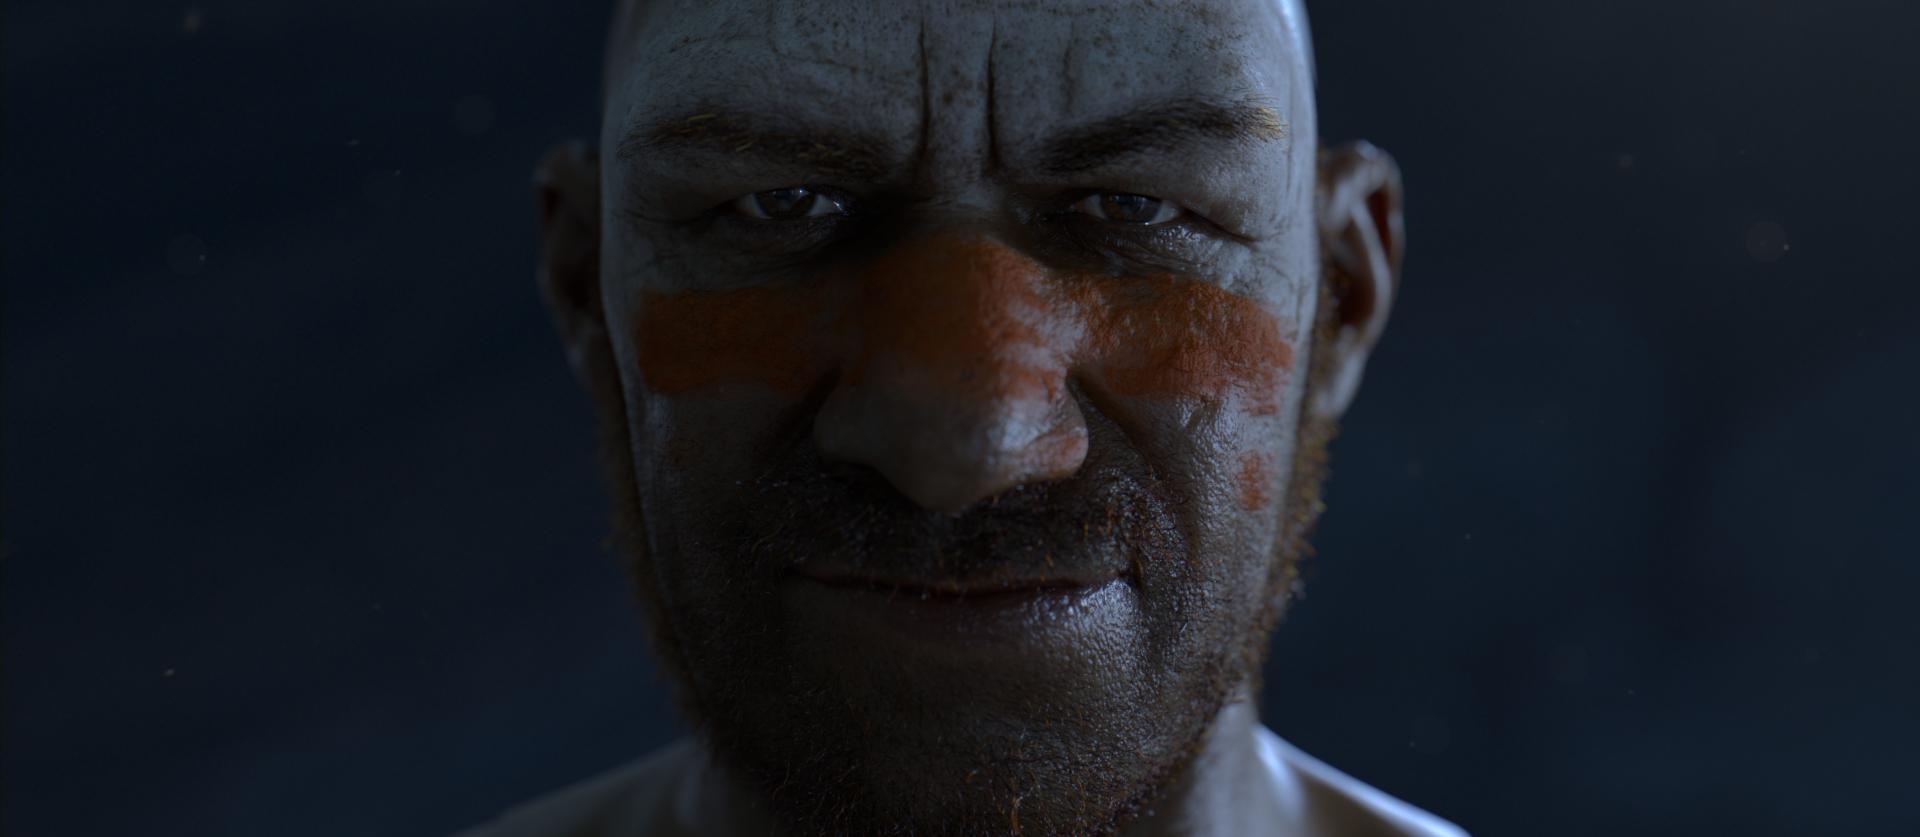 Neanderthal_Ned_still.jpg